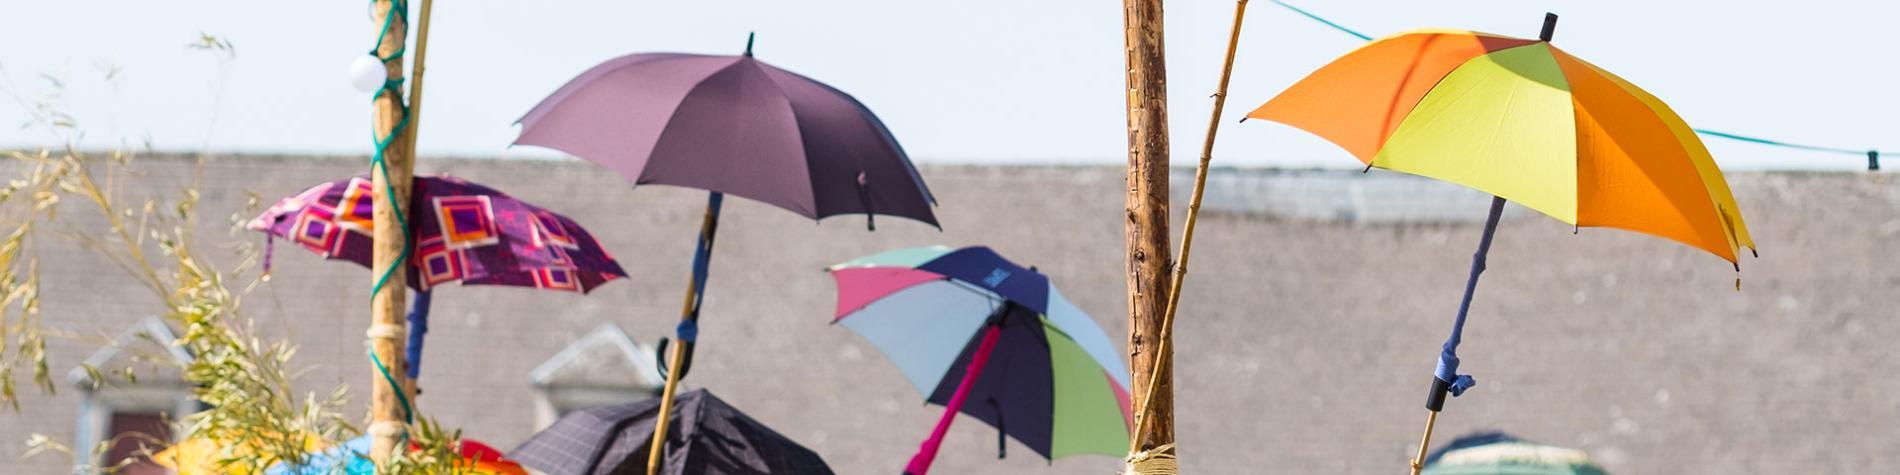 Festival LaSemo 2017 - décoration - parapluie - météo